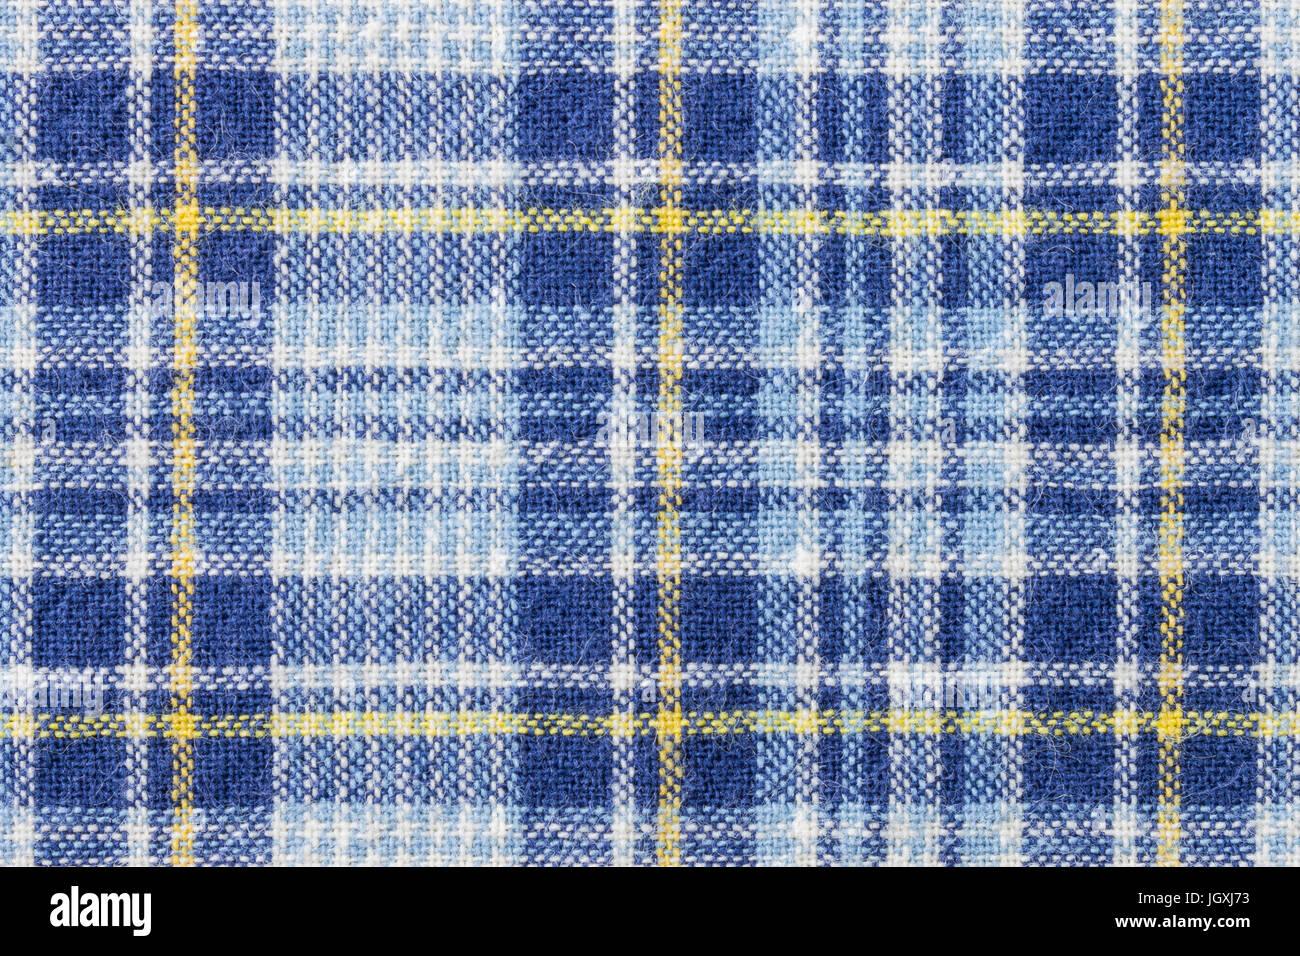 El azul y el amarillo tartan plaid o antecedentes para el diseño de moda. Tartan o patrón cuadriculado. Imagen De Stock